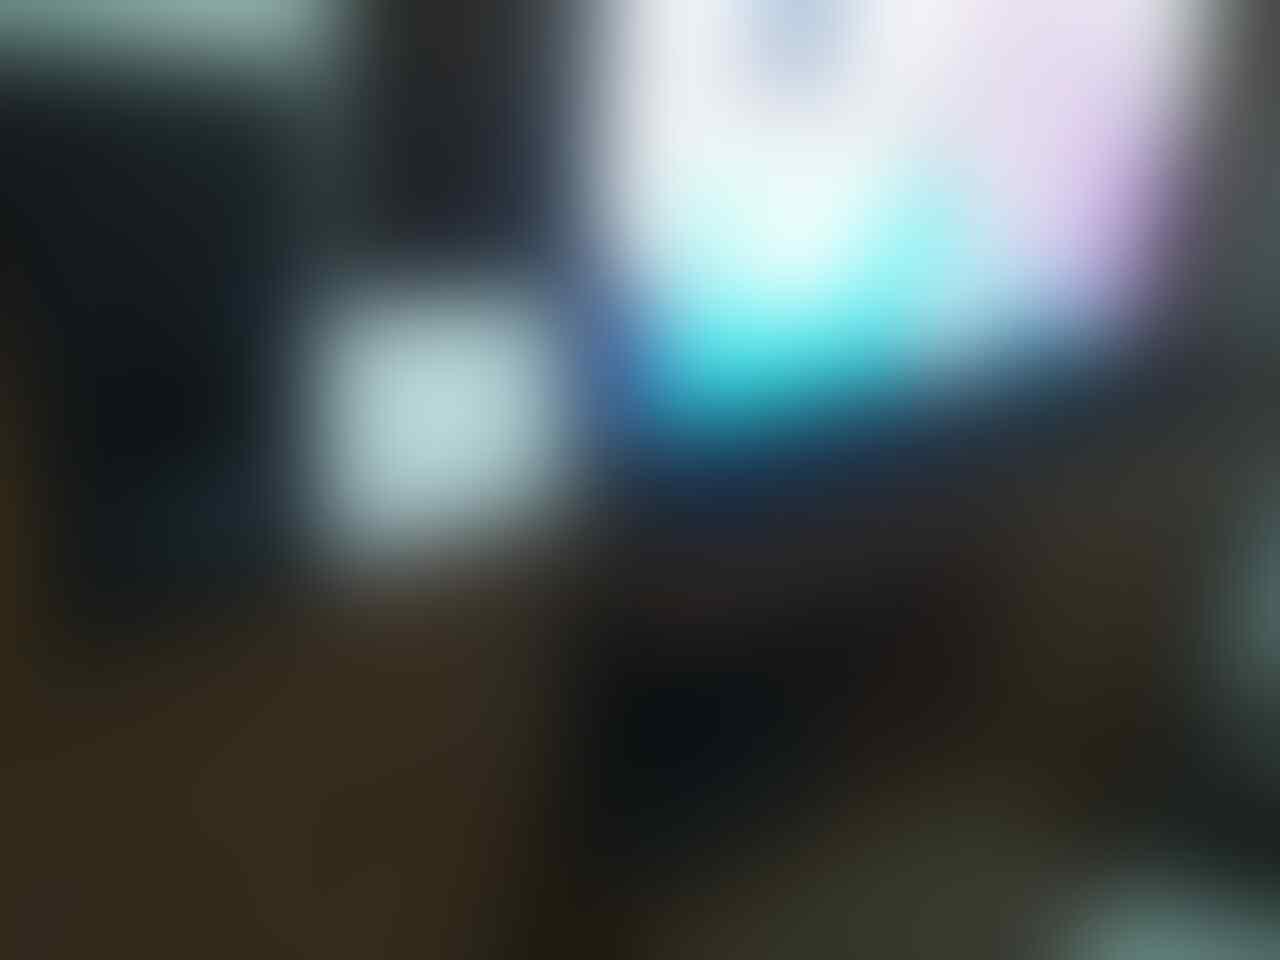 [HDTV] LCD/LED-TV, Plasma-TV & OLED-TV (Part V) - Part 1